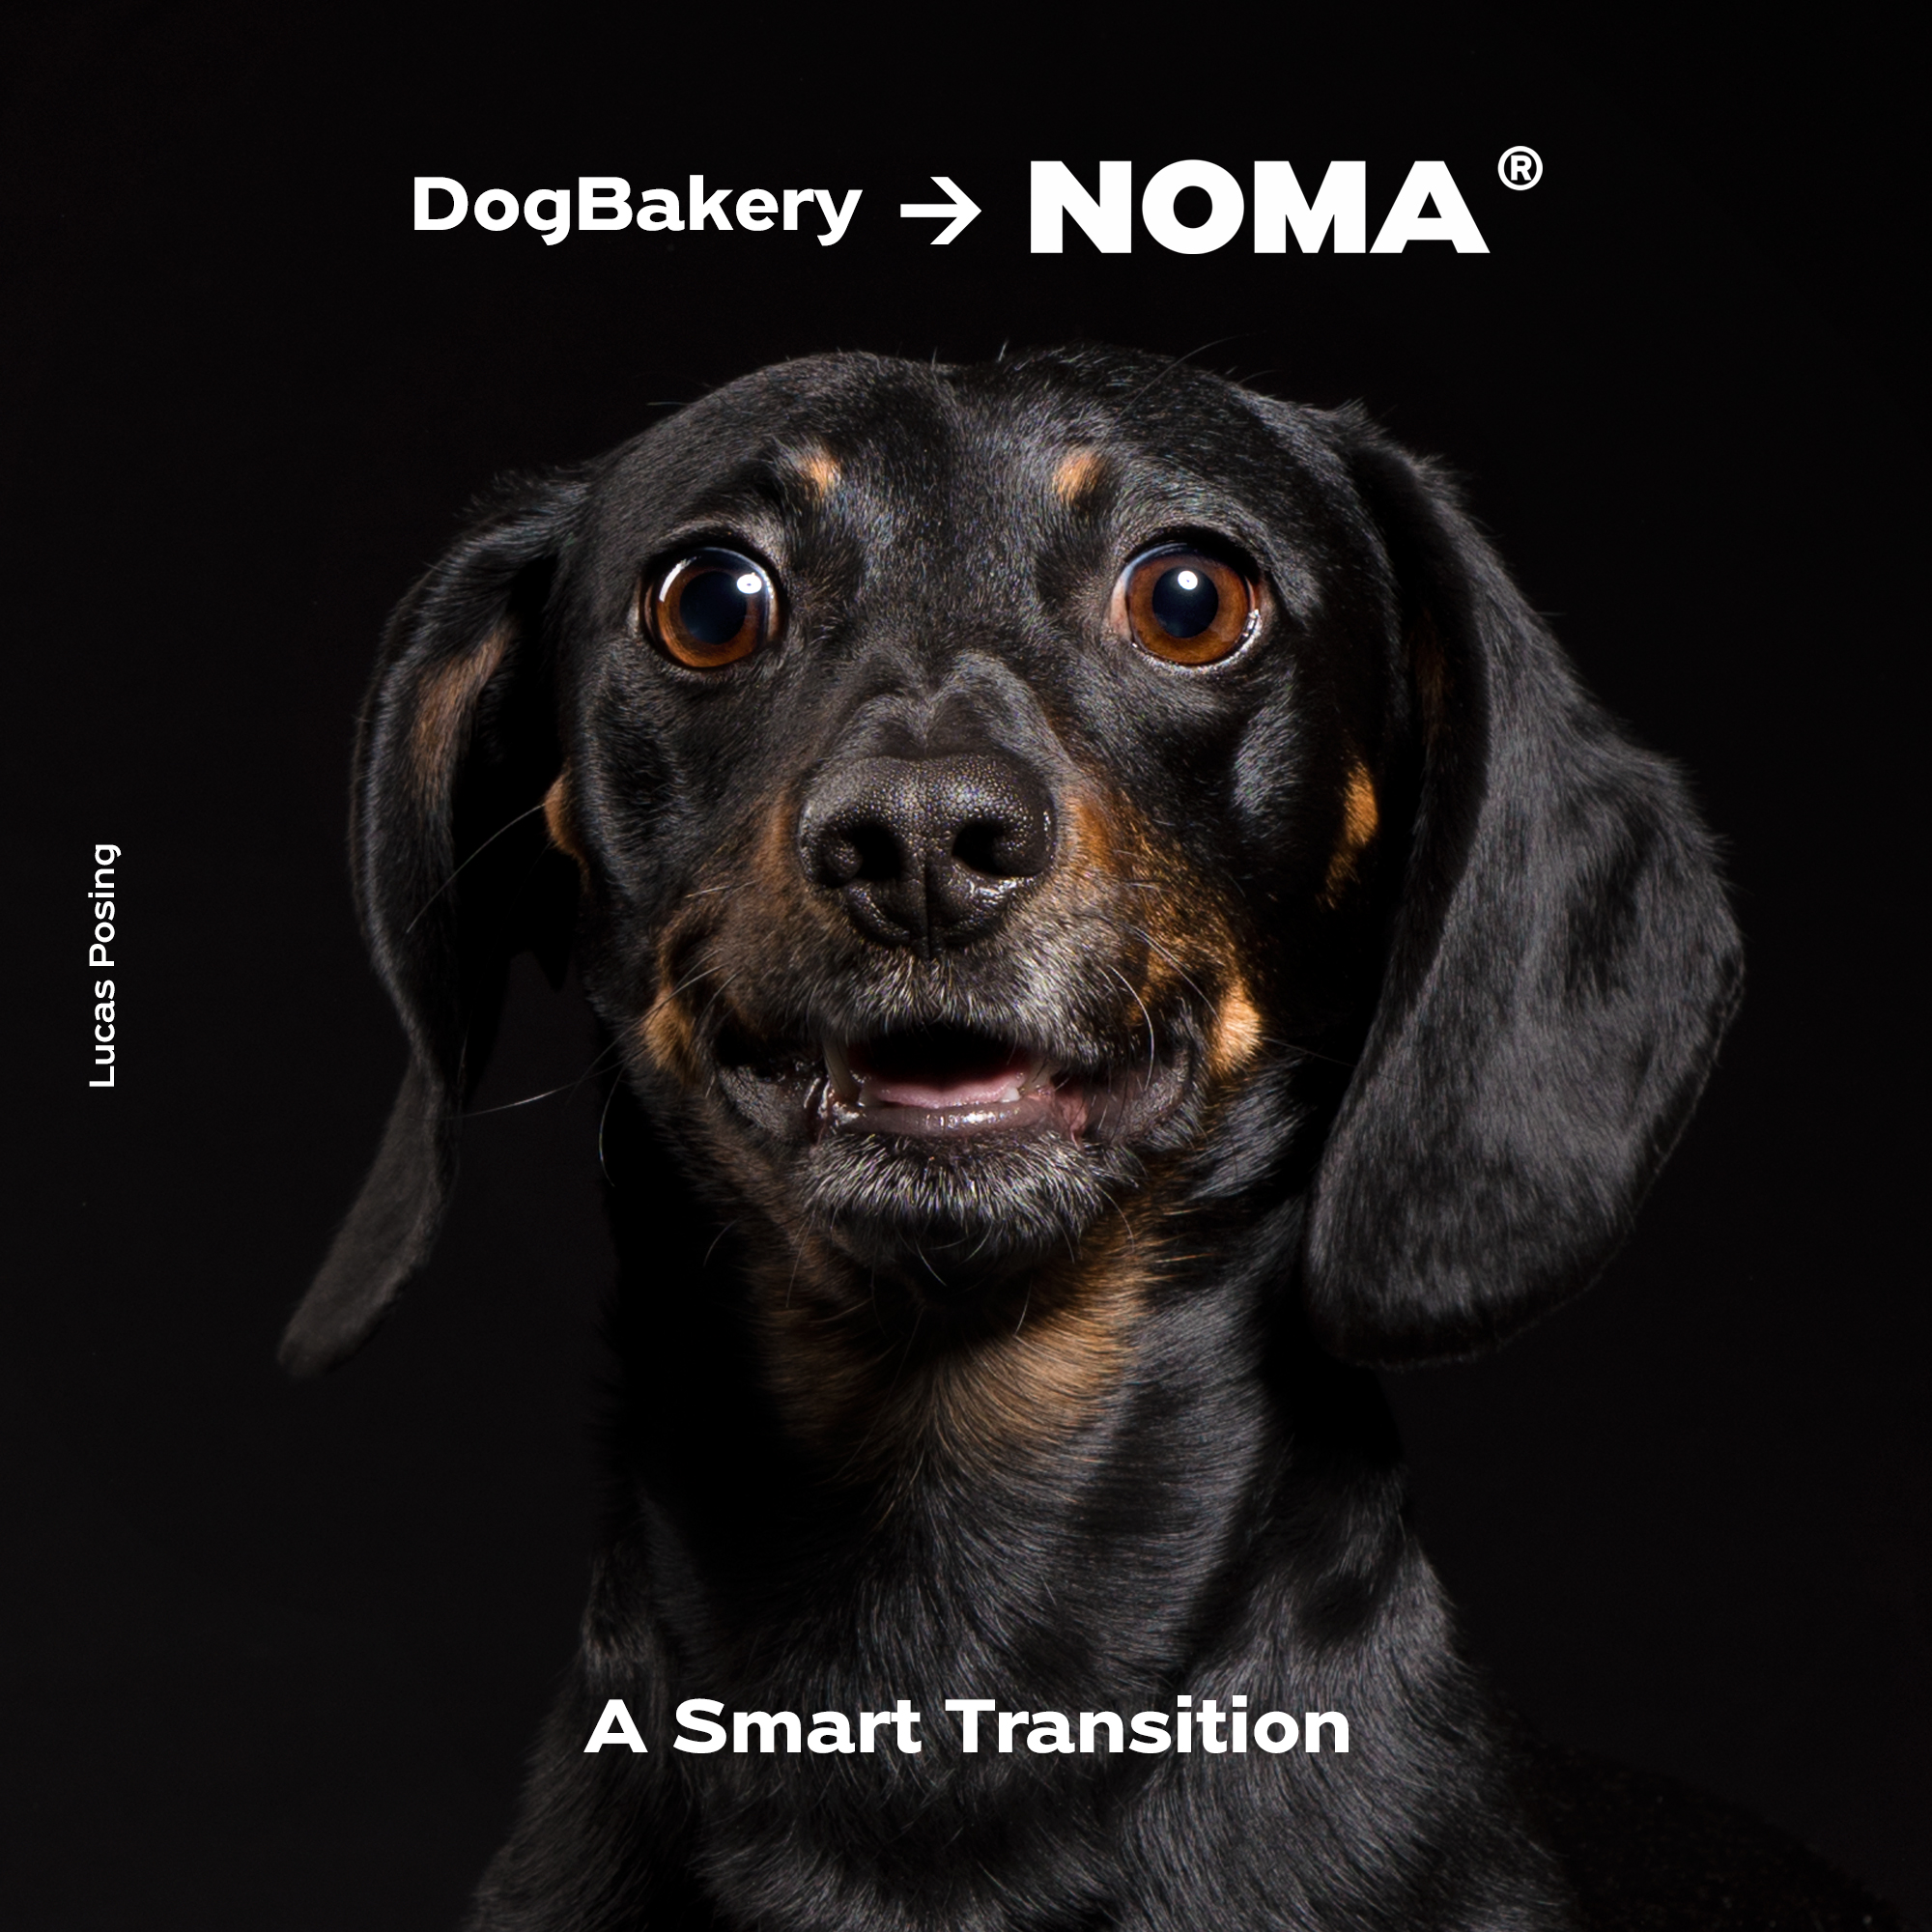 Dog Bakery -> Noma